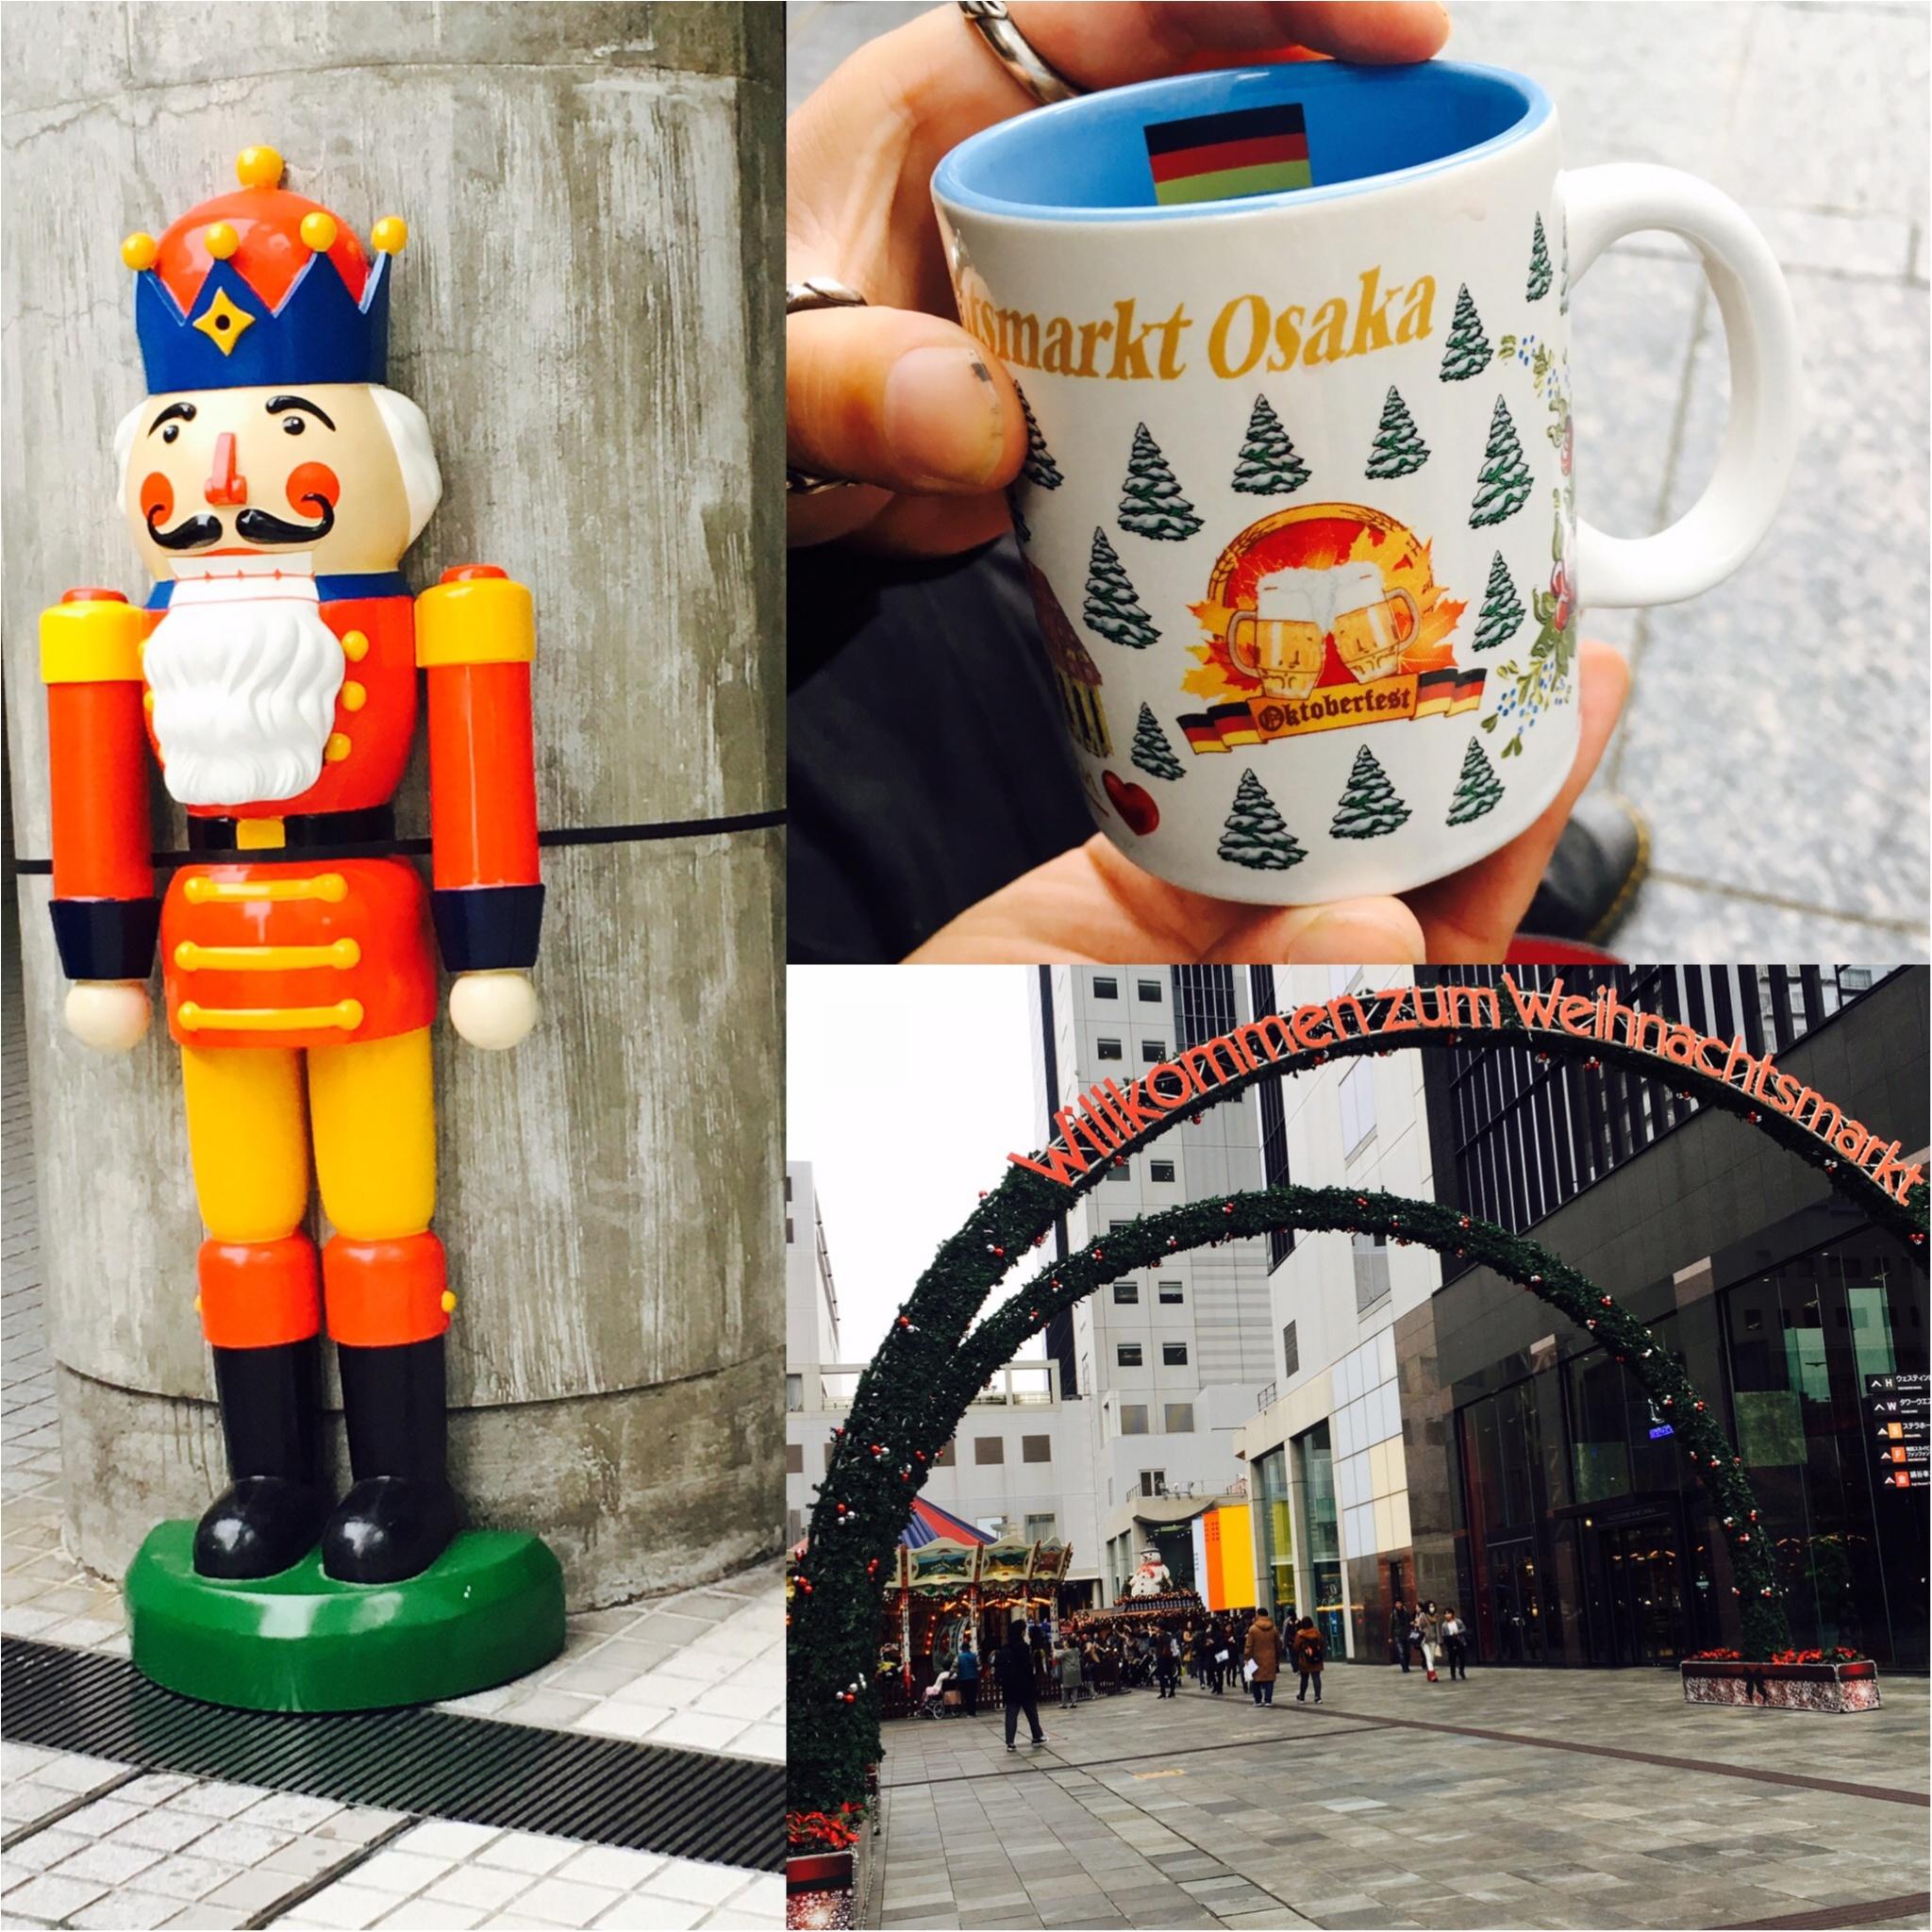 【大阪スカイビル】で開催中の≪ドイツ クリスマスマーケット≫に行ってきました!限定マグカップが今年もかわいすぎるっ!_1